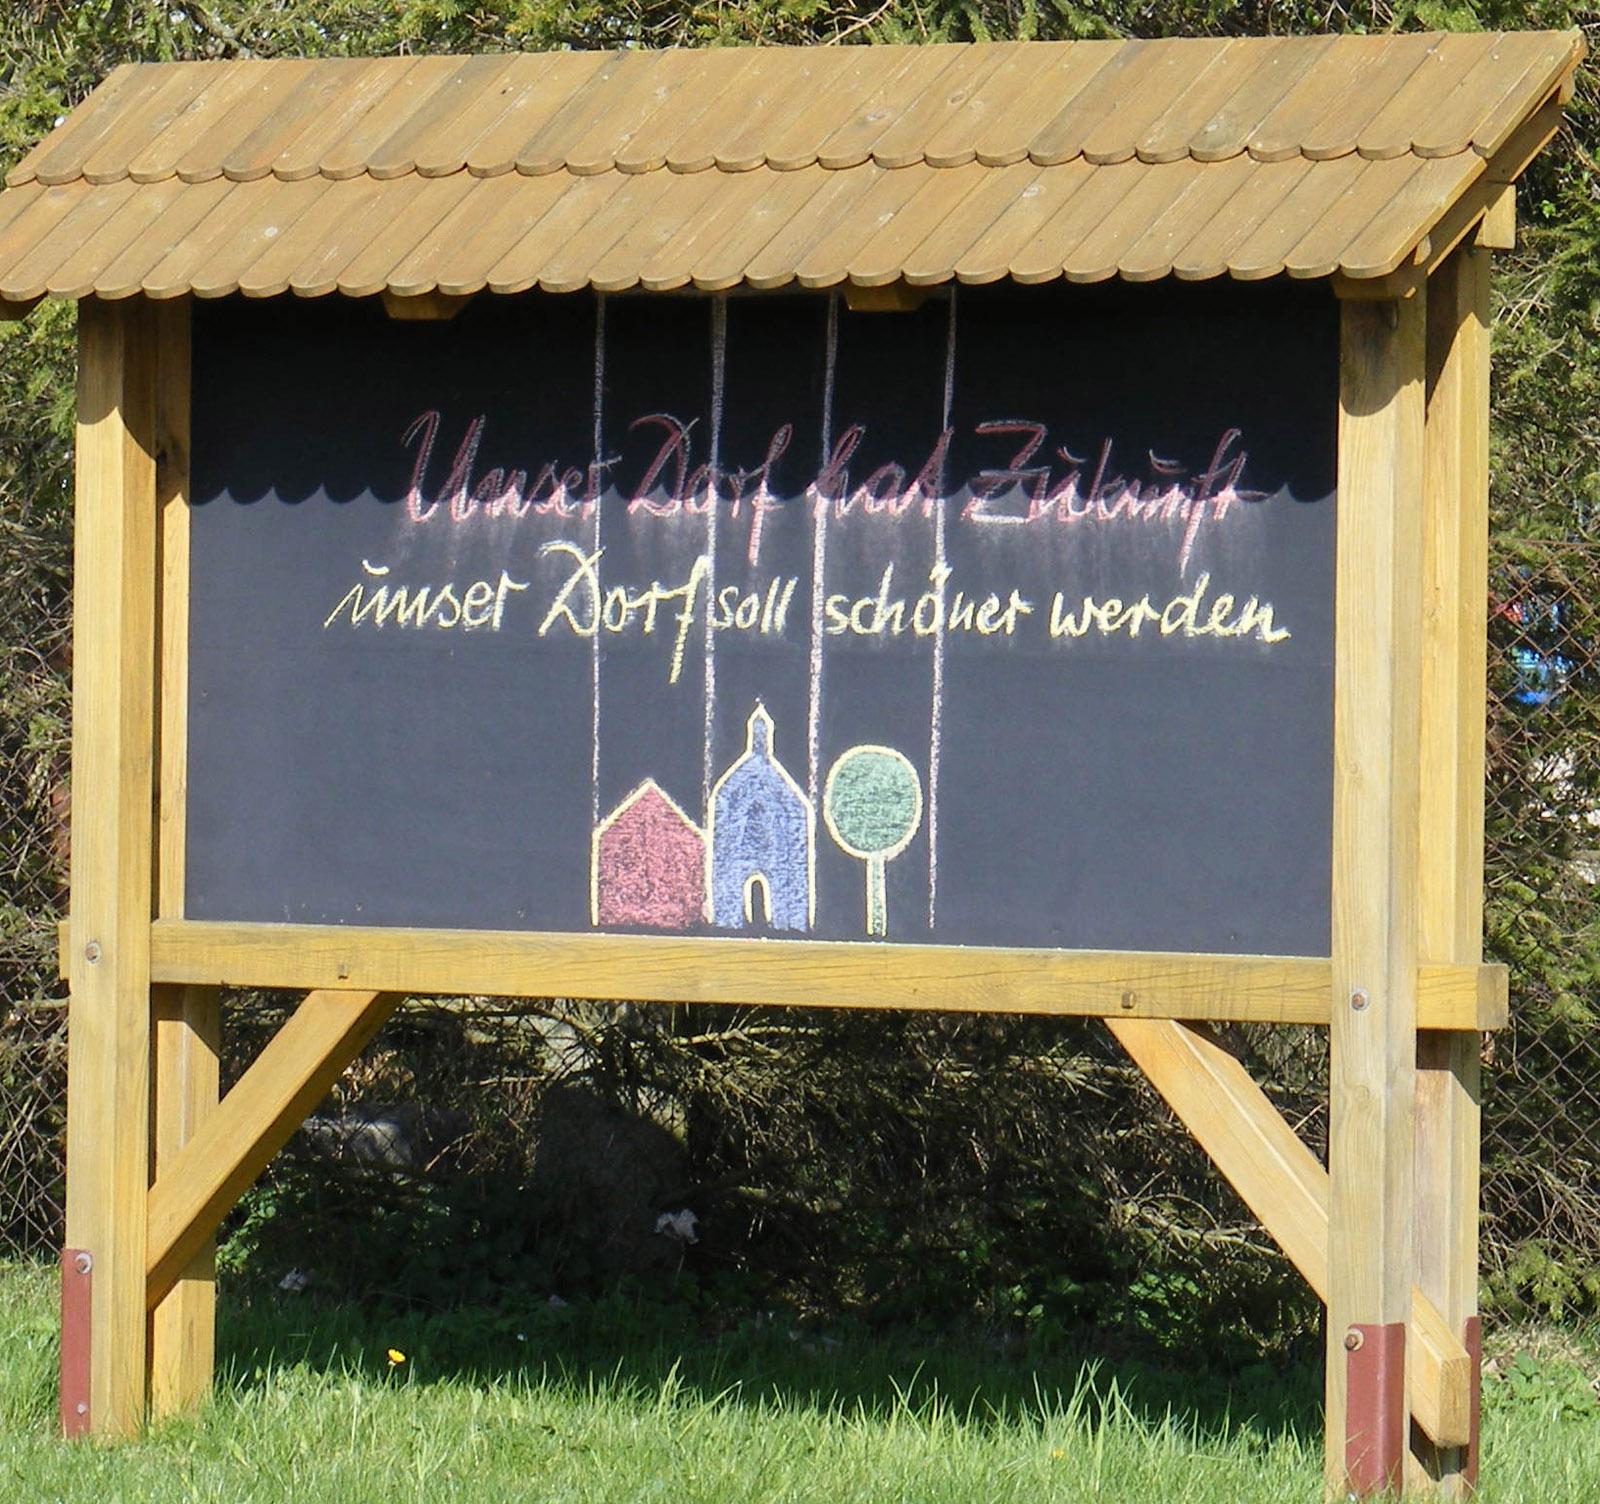 Tafel mit Schriftzug: Unser Dorf hat Zukunft - unser Dorf soll schöner werden